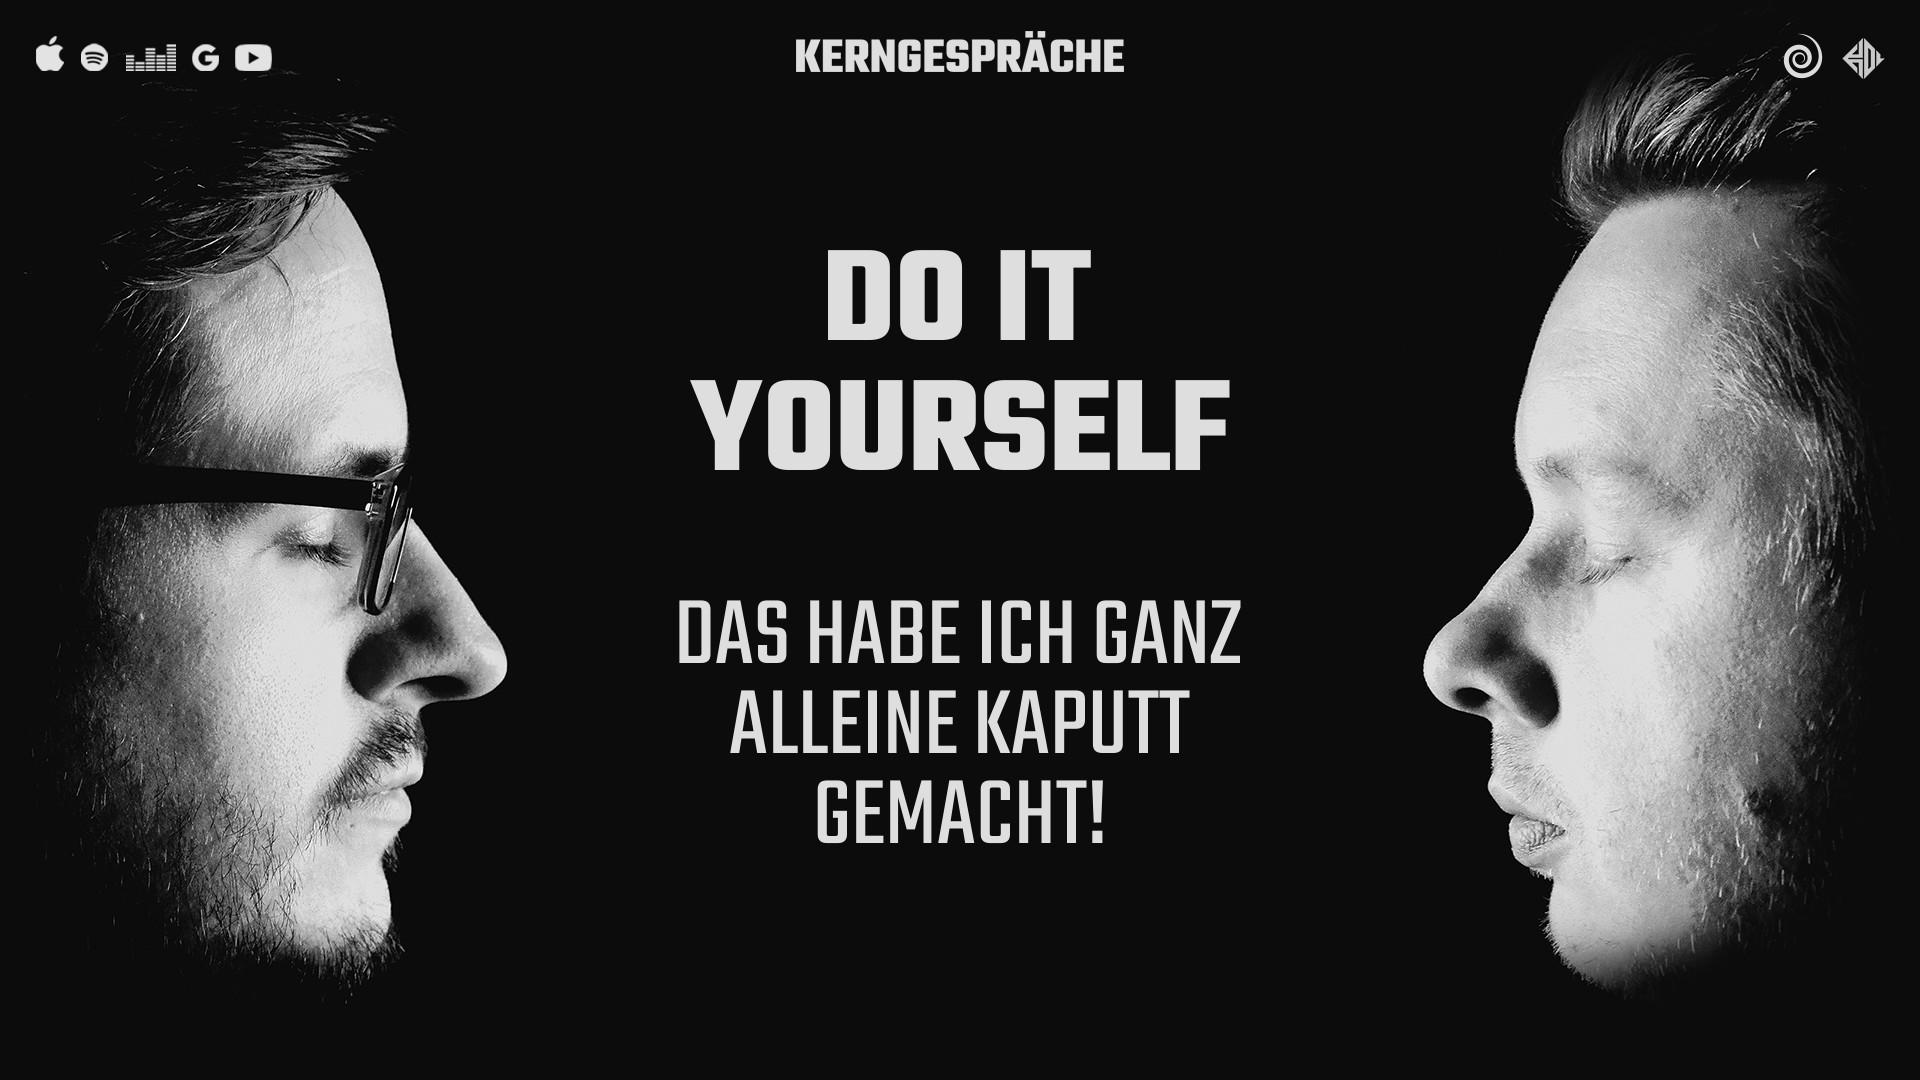 Do it yourself: Das habe ich ganz alleine kaputt gemacht!